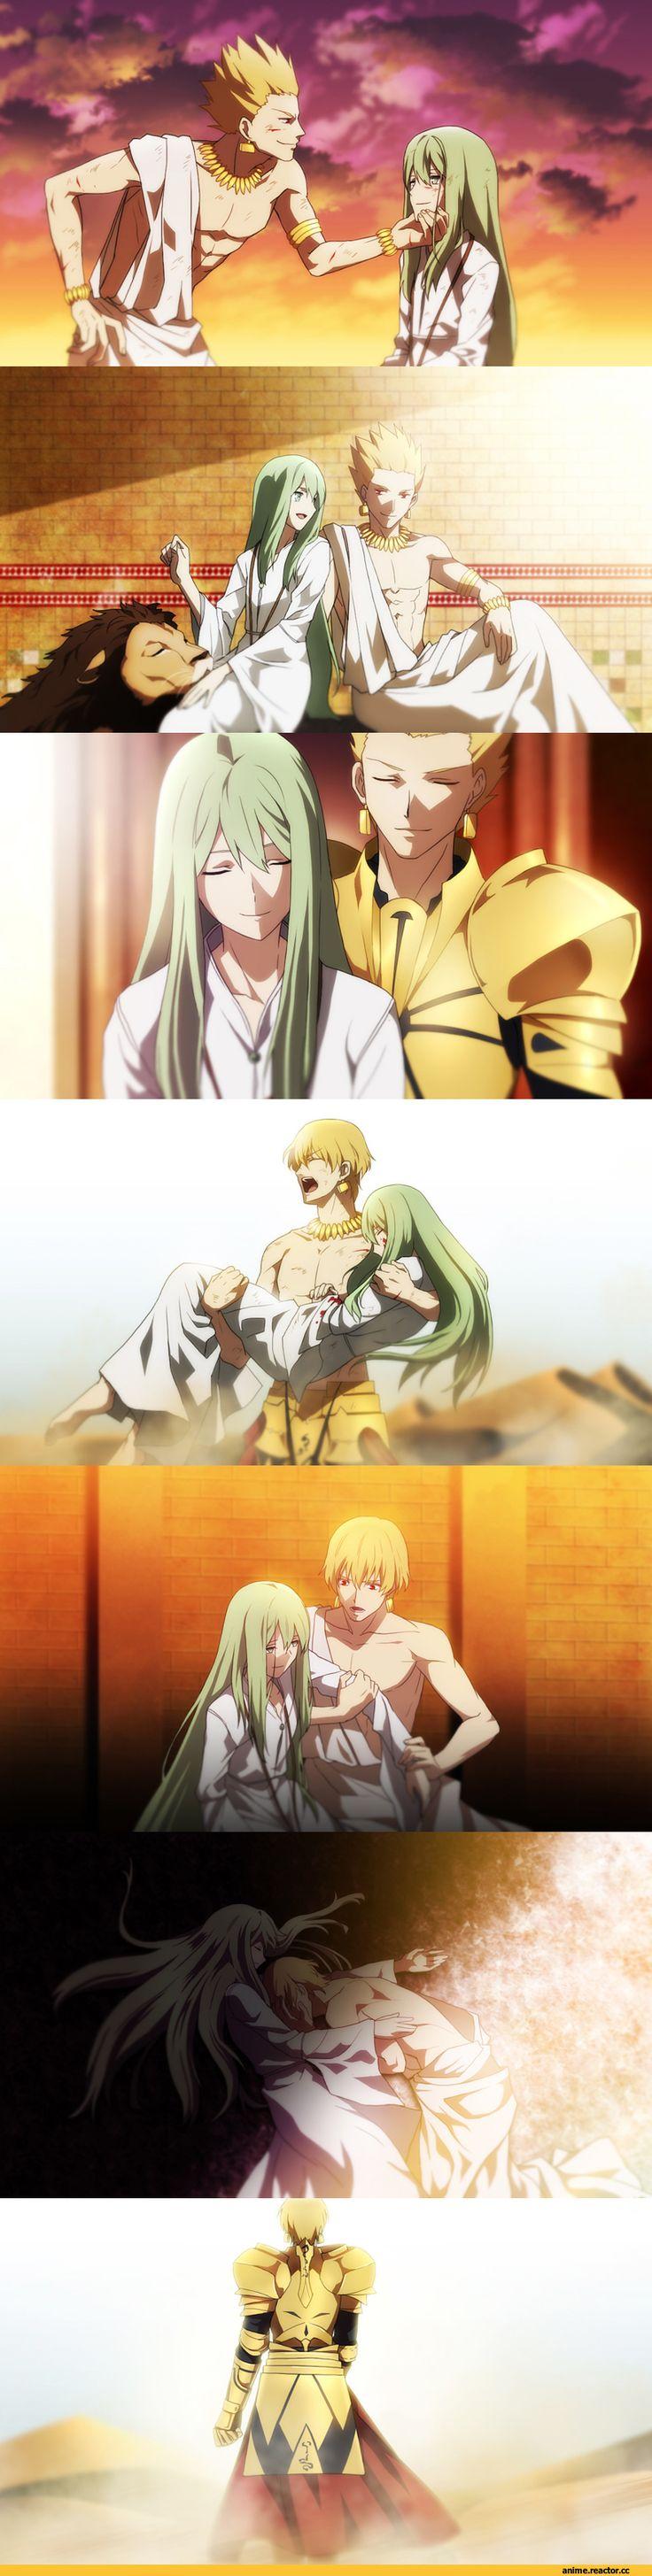 enkidu (fate/strange fake),Gilgamesh (Fate),Fate (series),Fate (srs),Anime,аниме